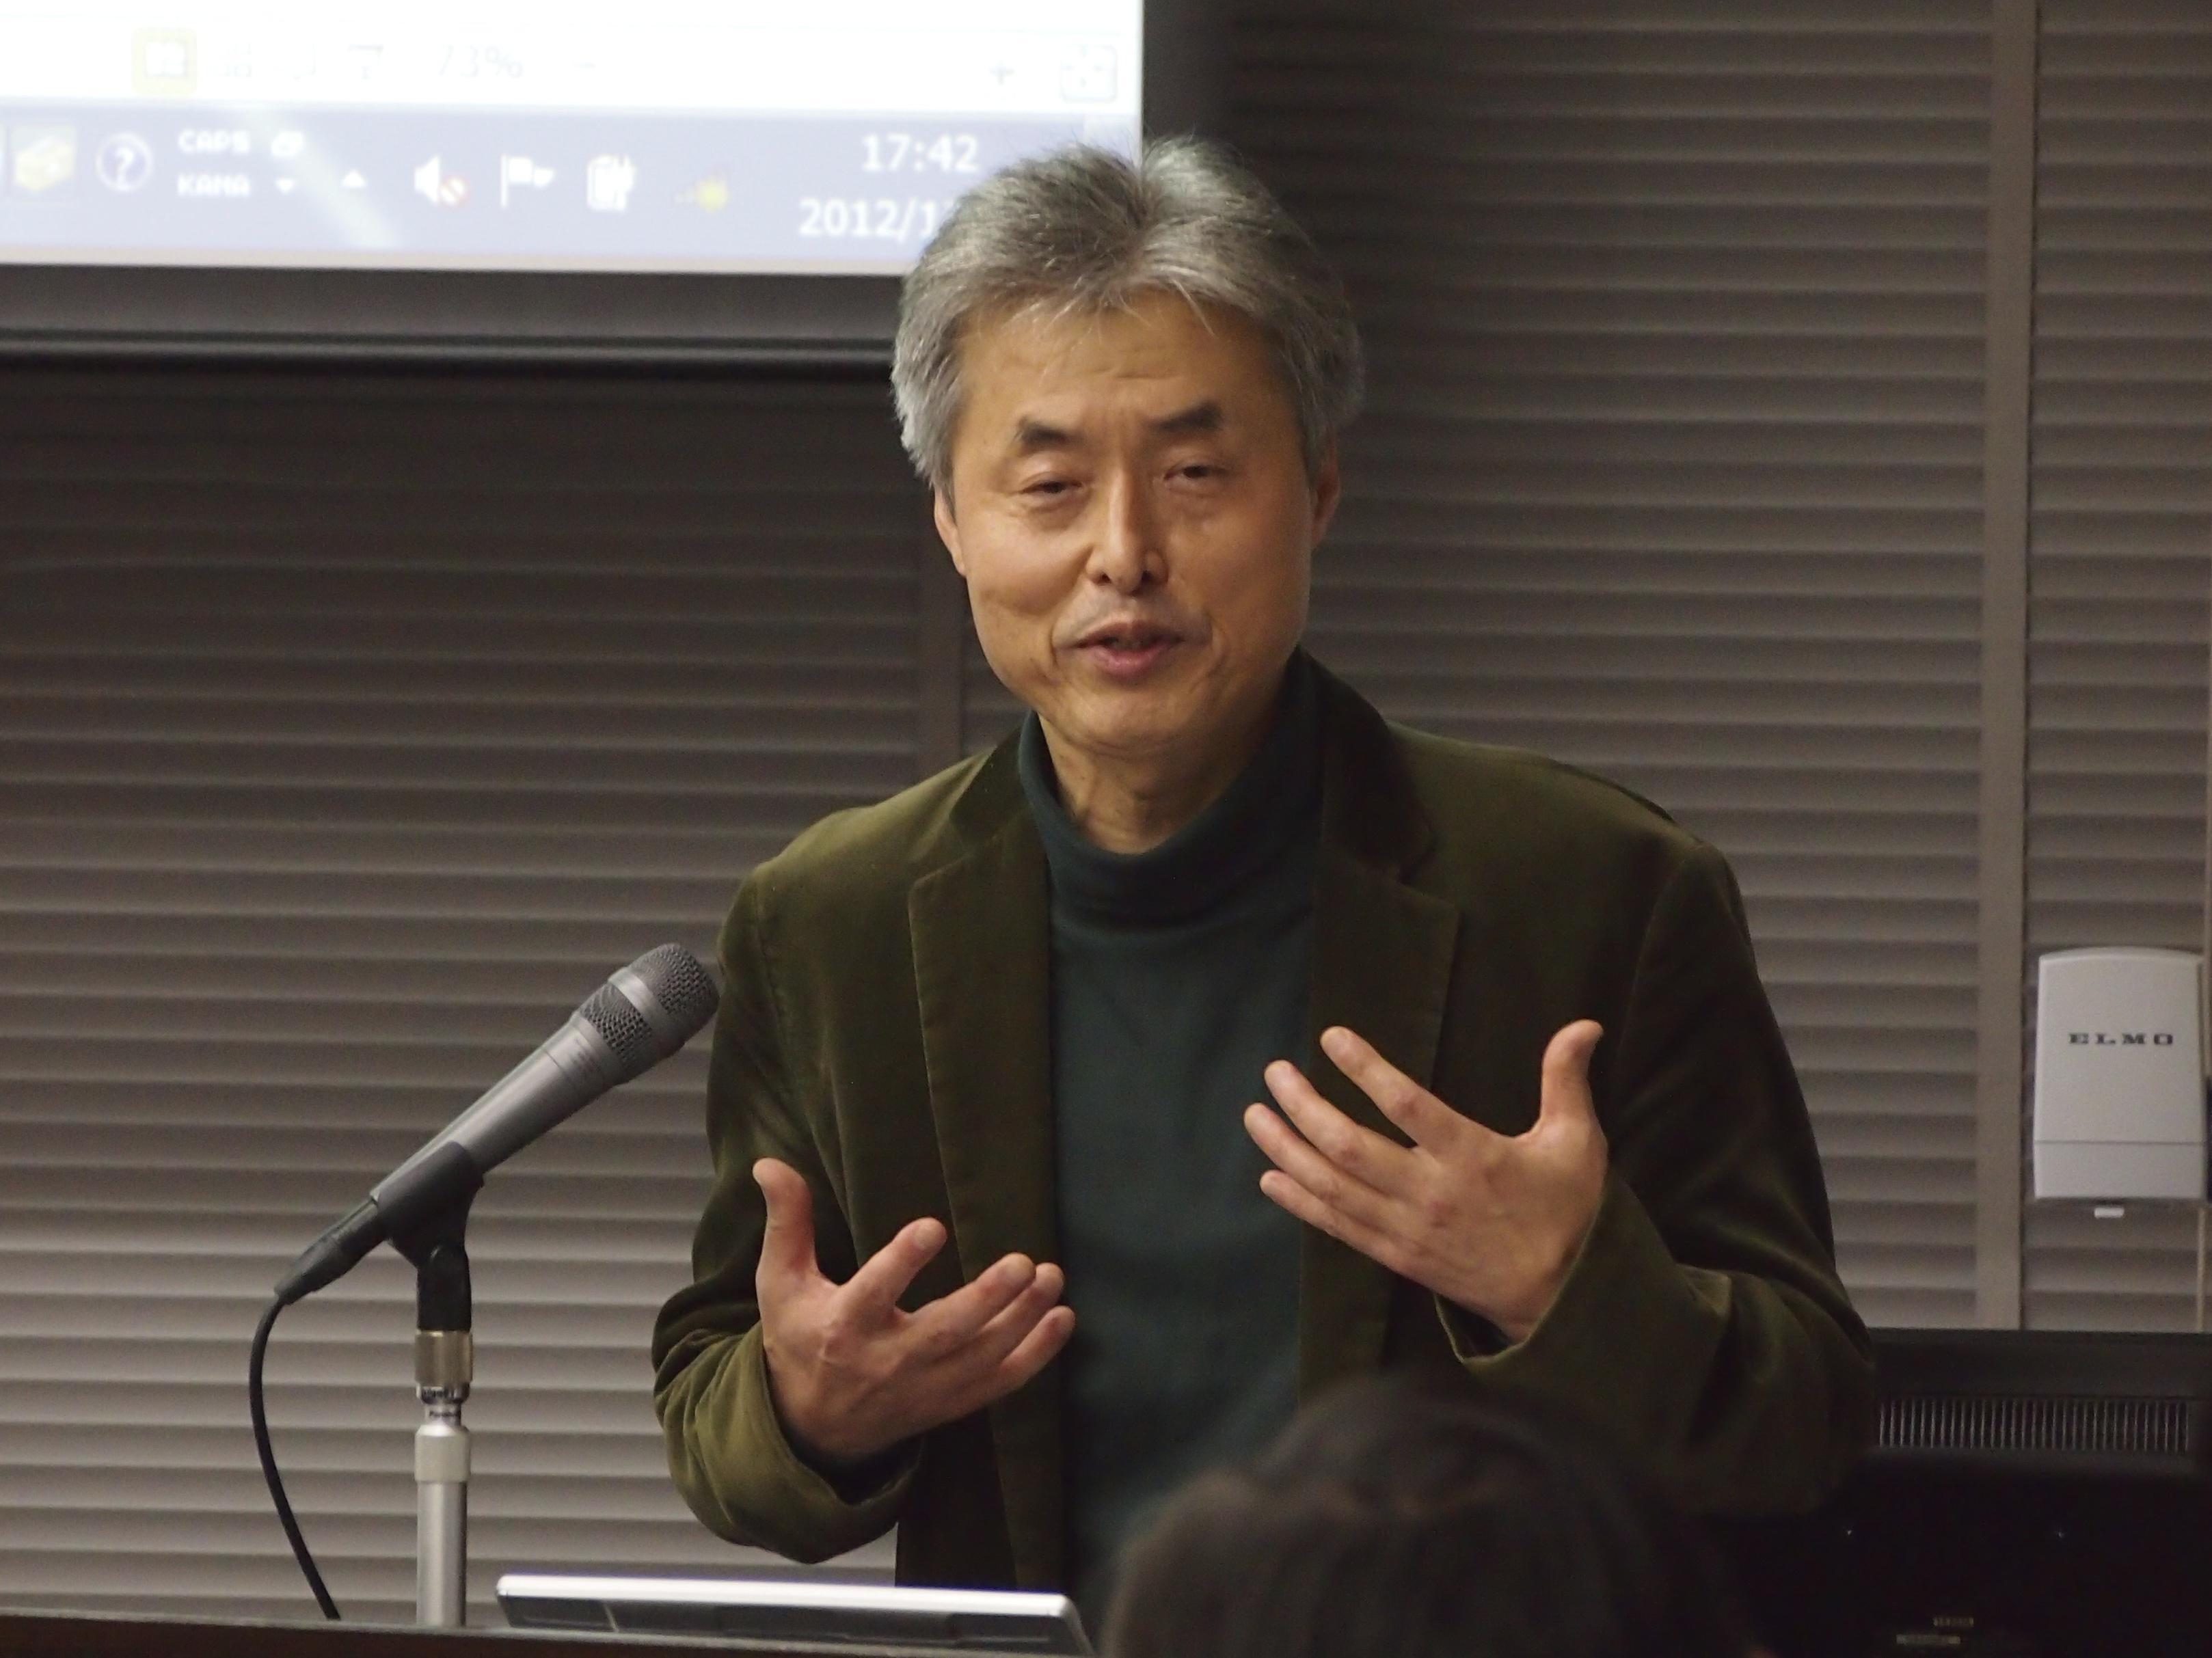 鎌田教授が品川セミナーで講演します(3月6日開催)